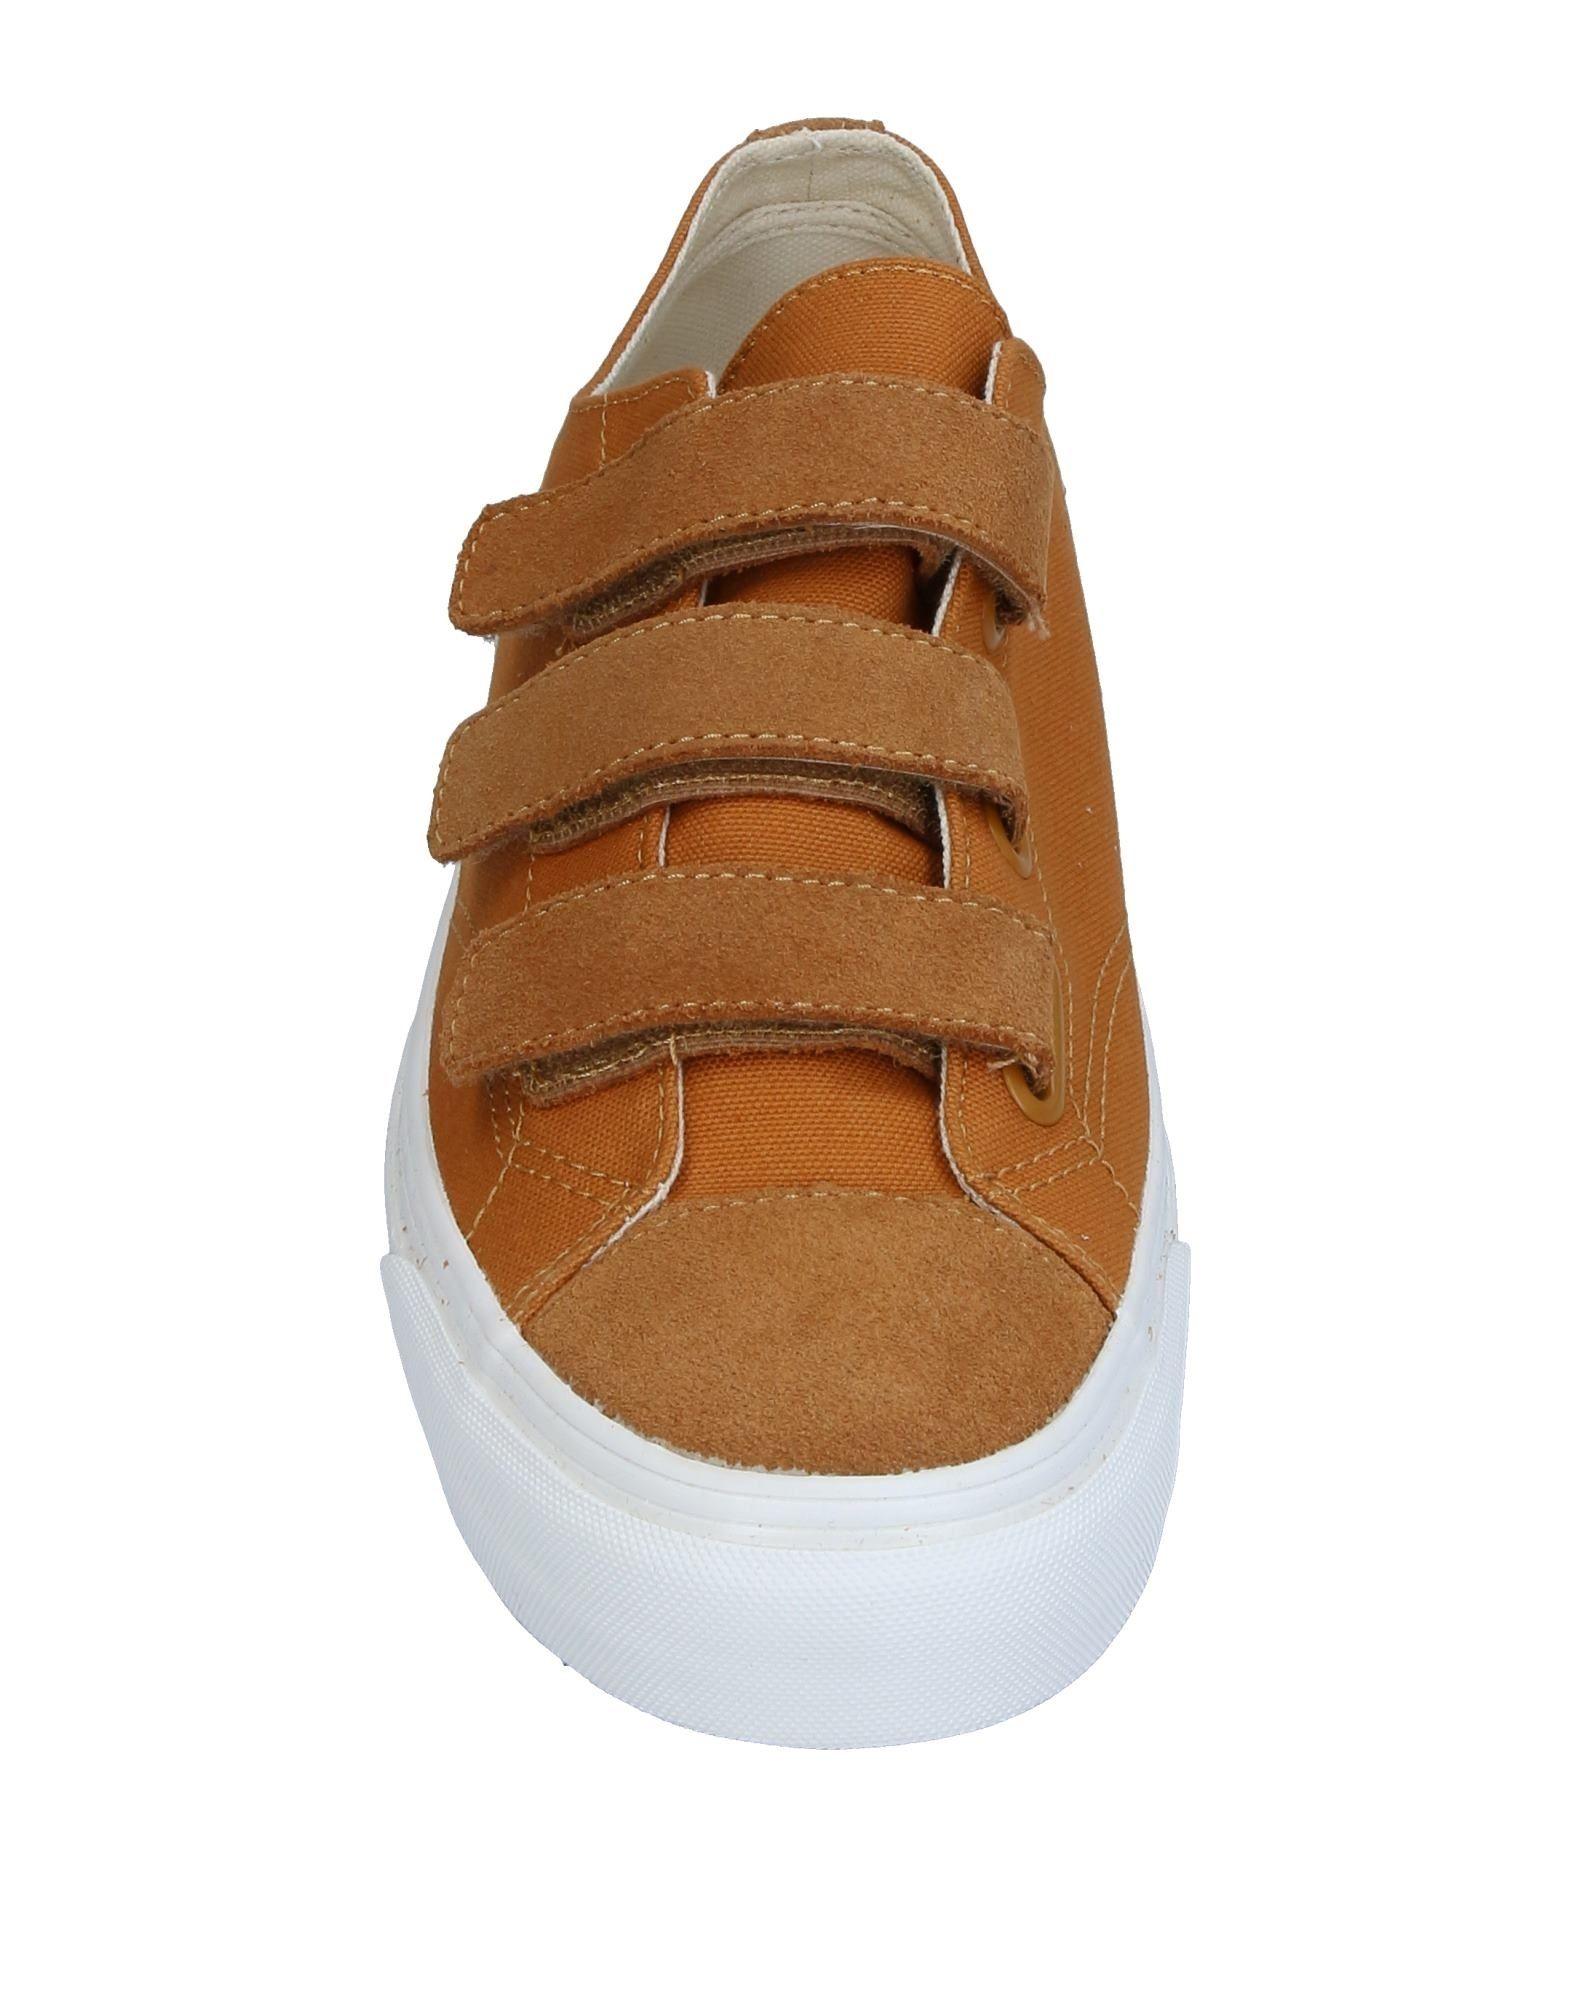 Vans Sneakers Schuhe Herren  11354234QI Heiße Schuhe Sneakers 9bd134